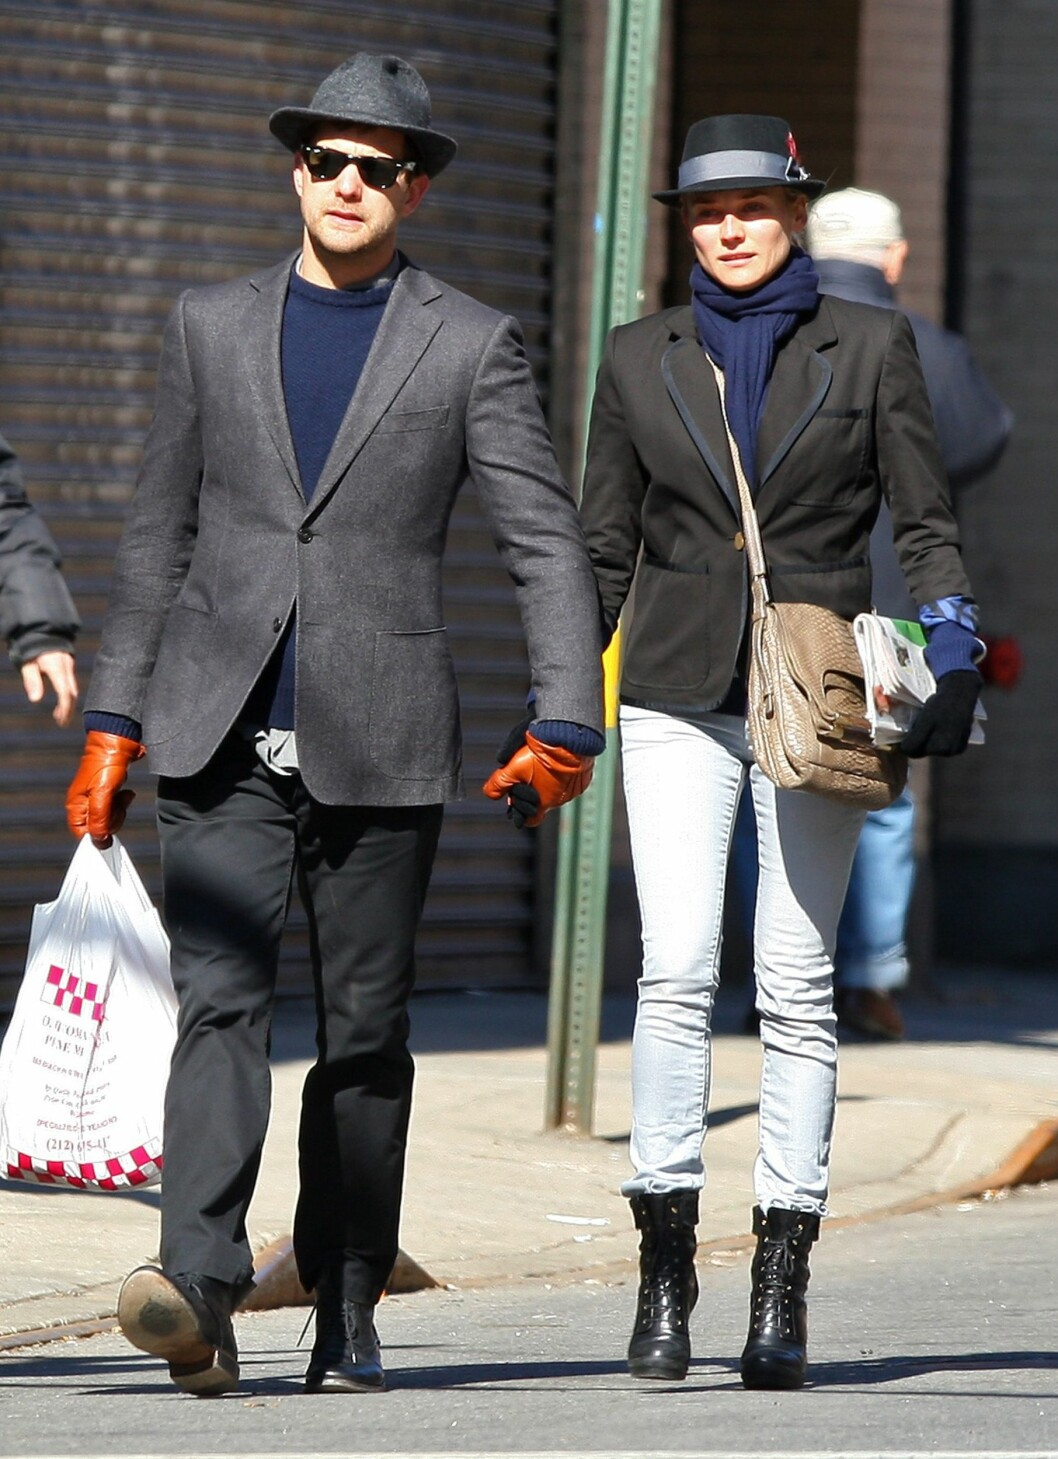 Diane Kruger og Joshua Jackson er kjent for å kle seg likt når de viser seg offentlig sammen. Denne dagen var ikke noe unntak.   Foto: All Over Press